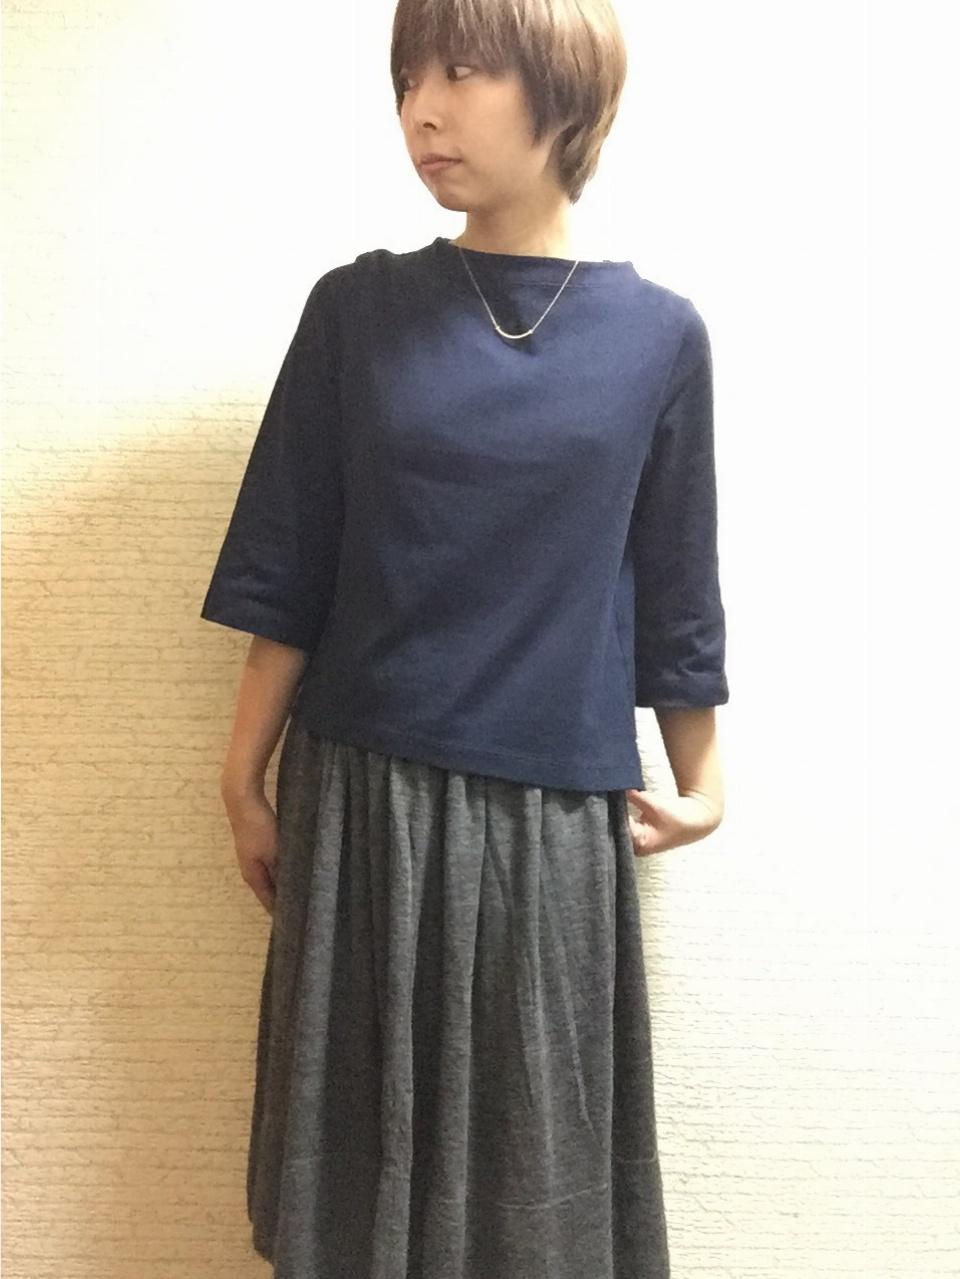 UNIQLO「ウルトラライトダウン」が軽くて暖かくて着やすい♡実質0円でカットソーもGET☆_3